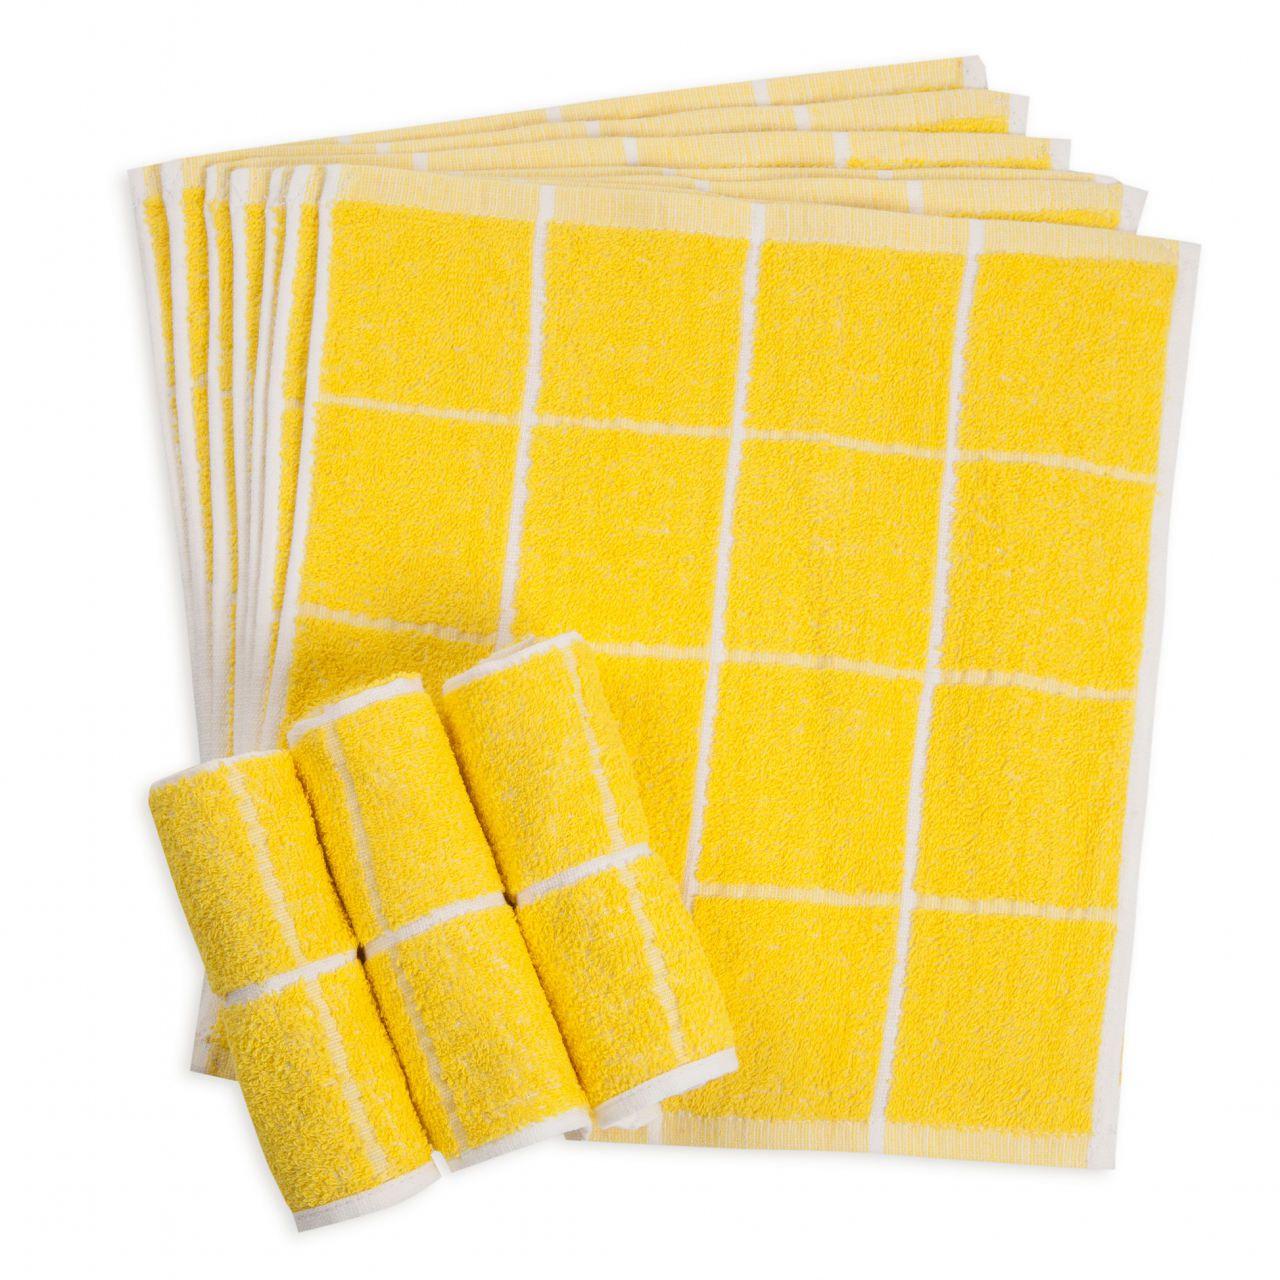 80匁 おしぼりタオル黄4×4格子